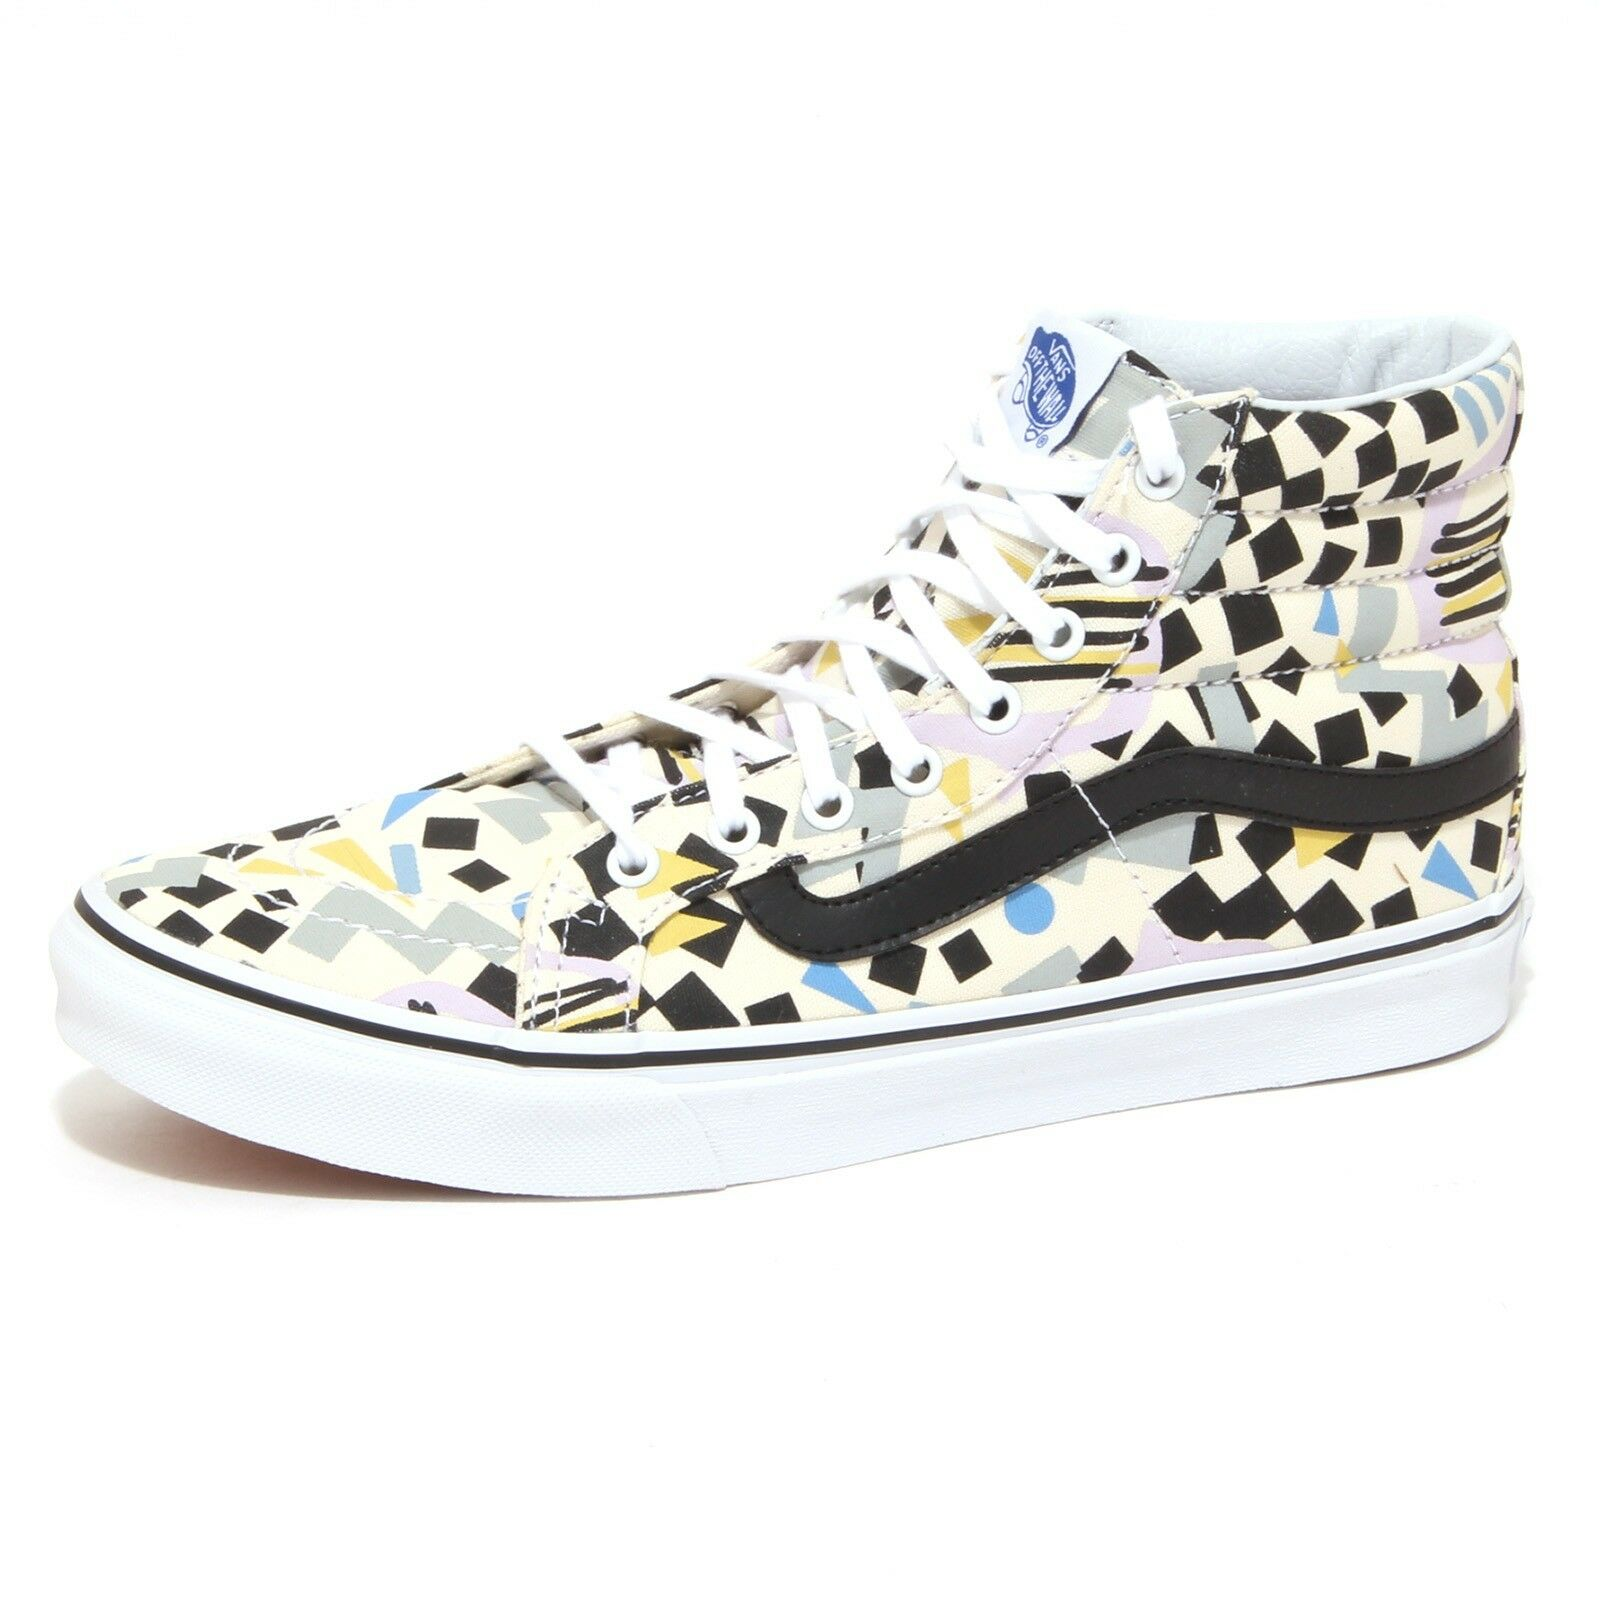 7956p cortos mujer Vans sk8-hi slim multiColor zapatos zapatos zapatos Woman  compras online de deportes